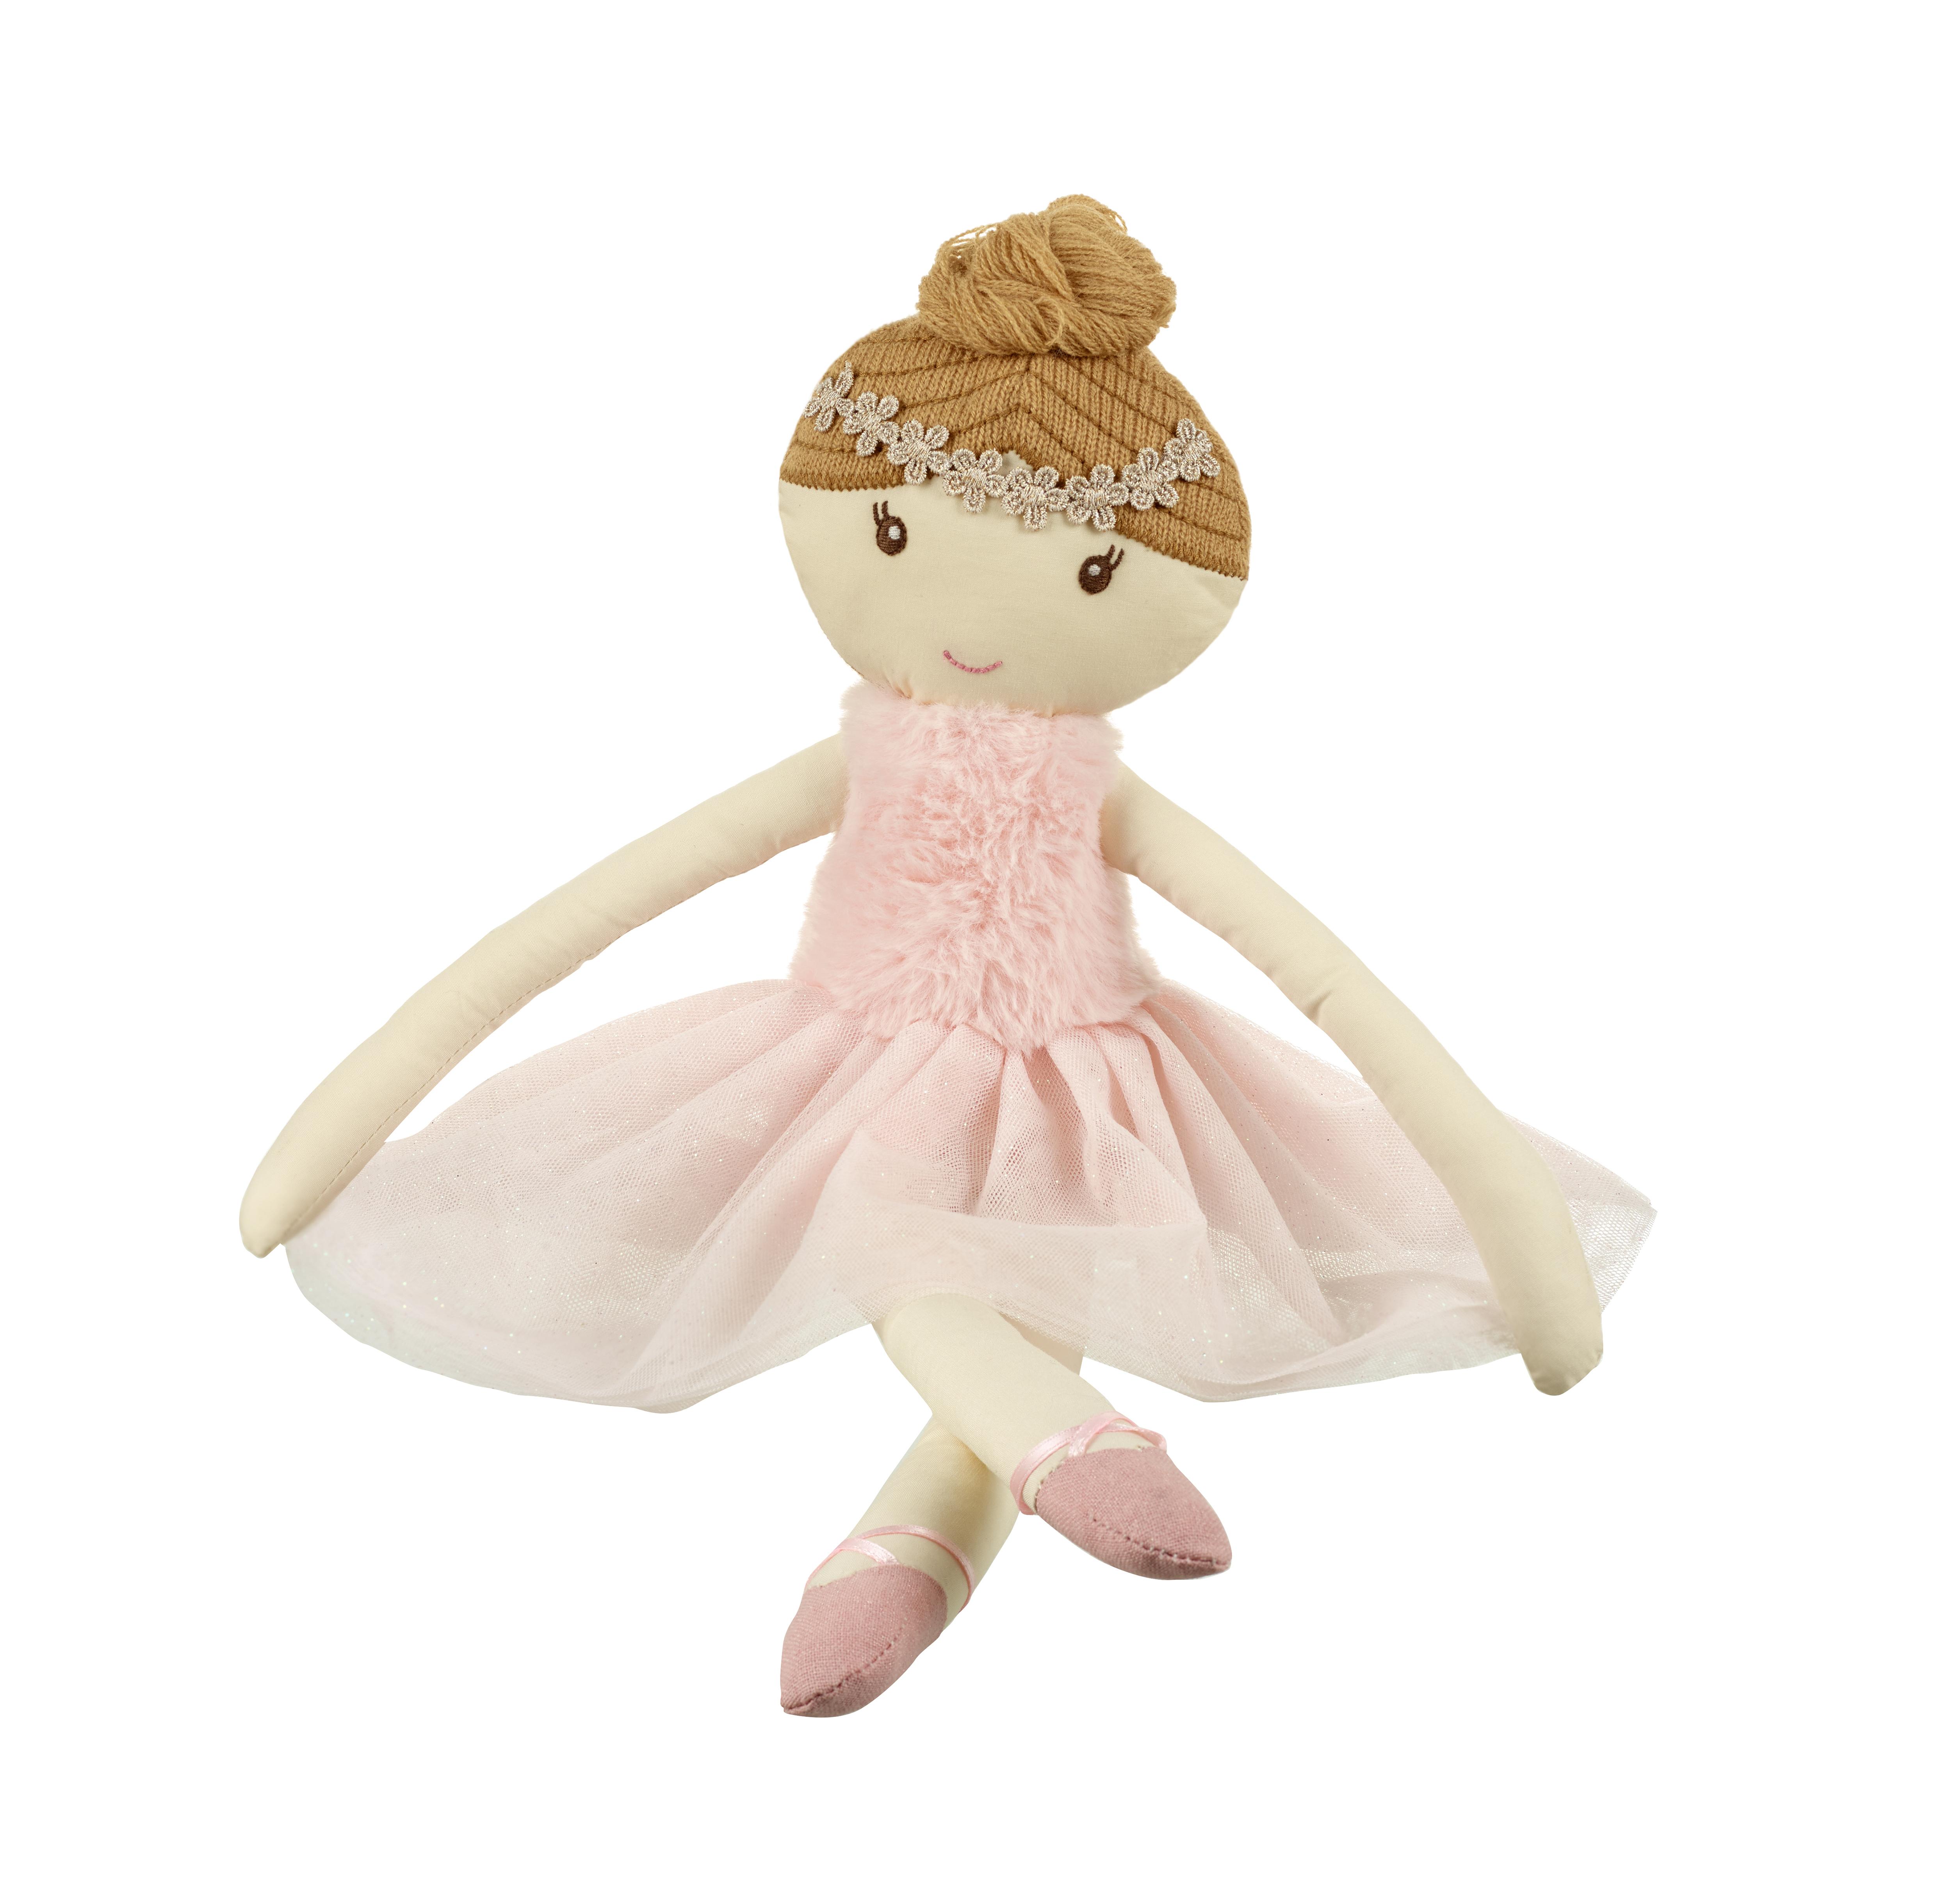 Детска мека кукла София 32 см от Orange Tree Toys - детска играчка за момичета - Bellamie